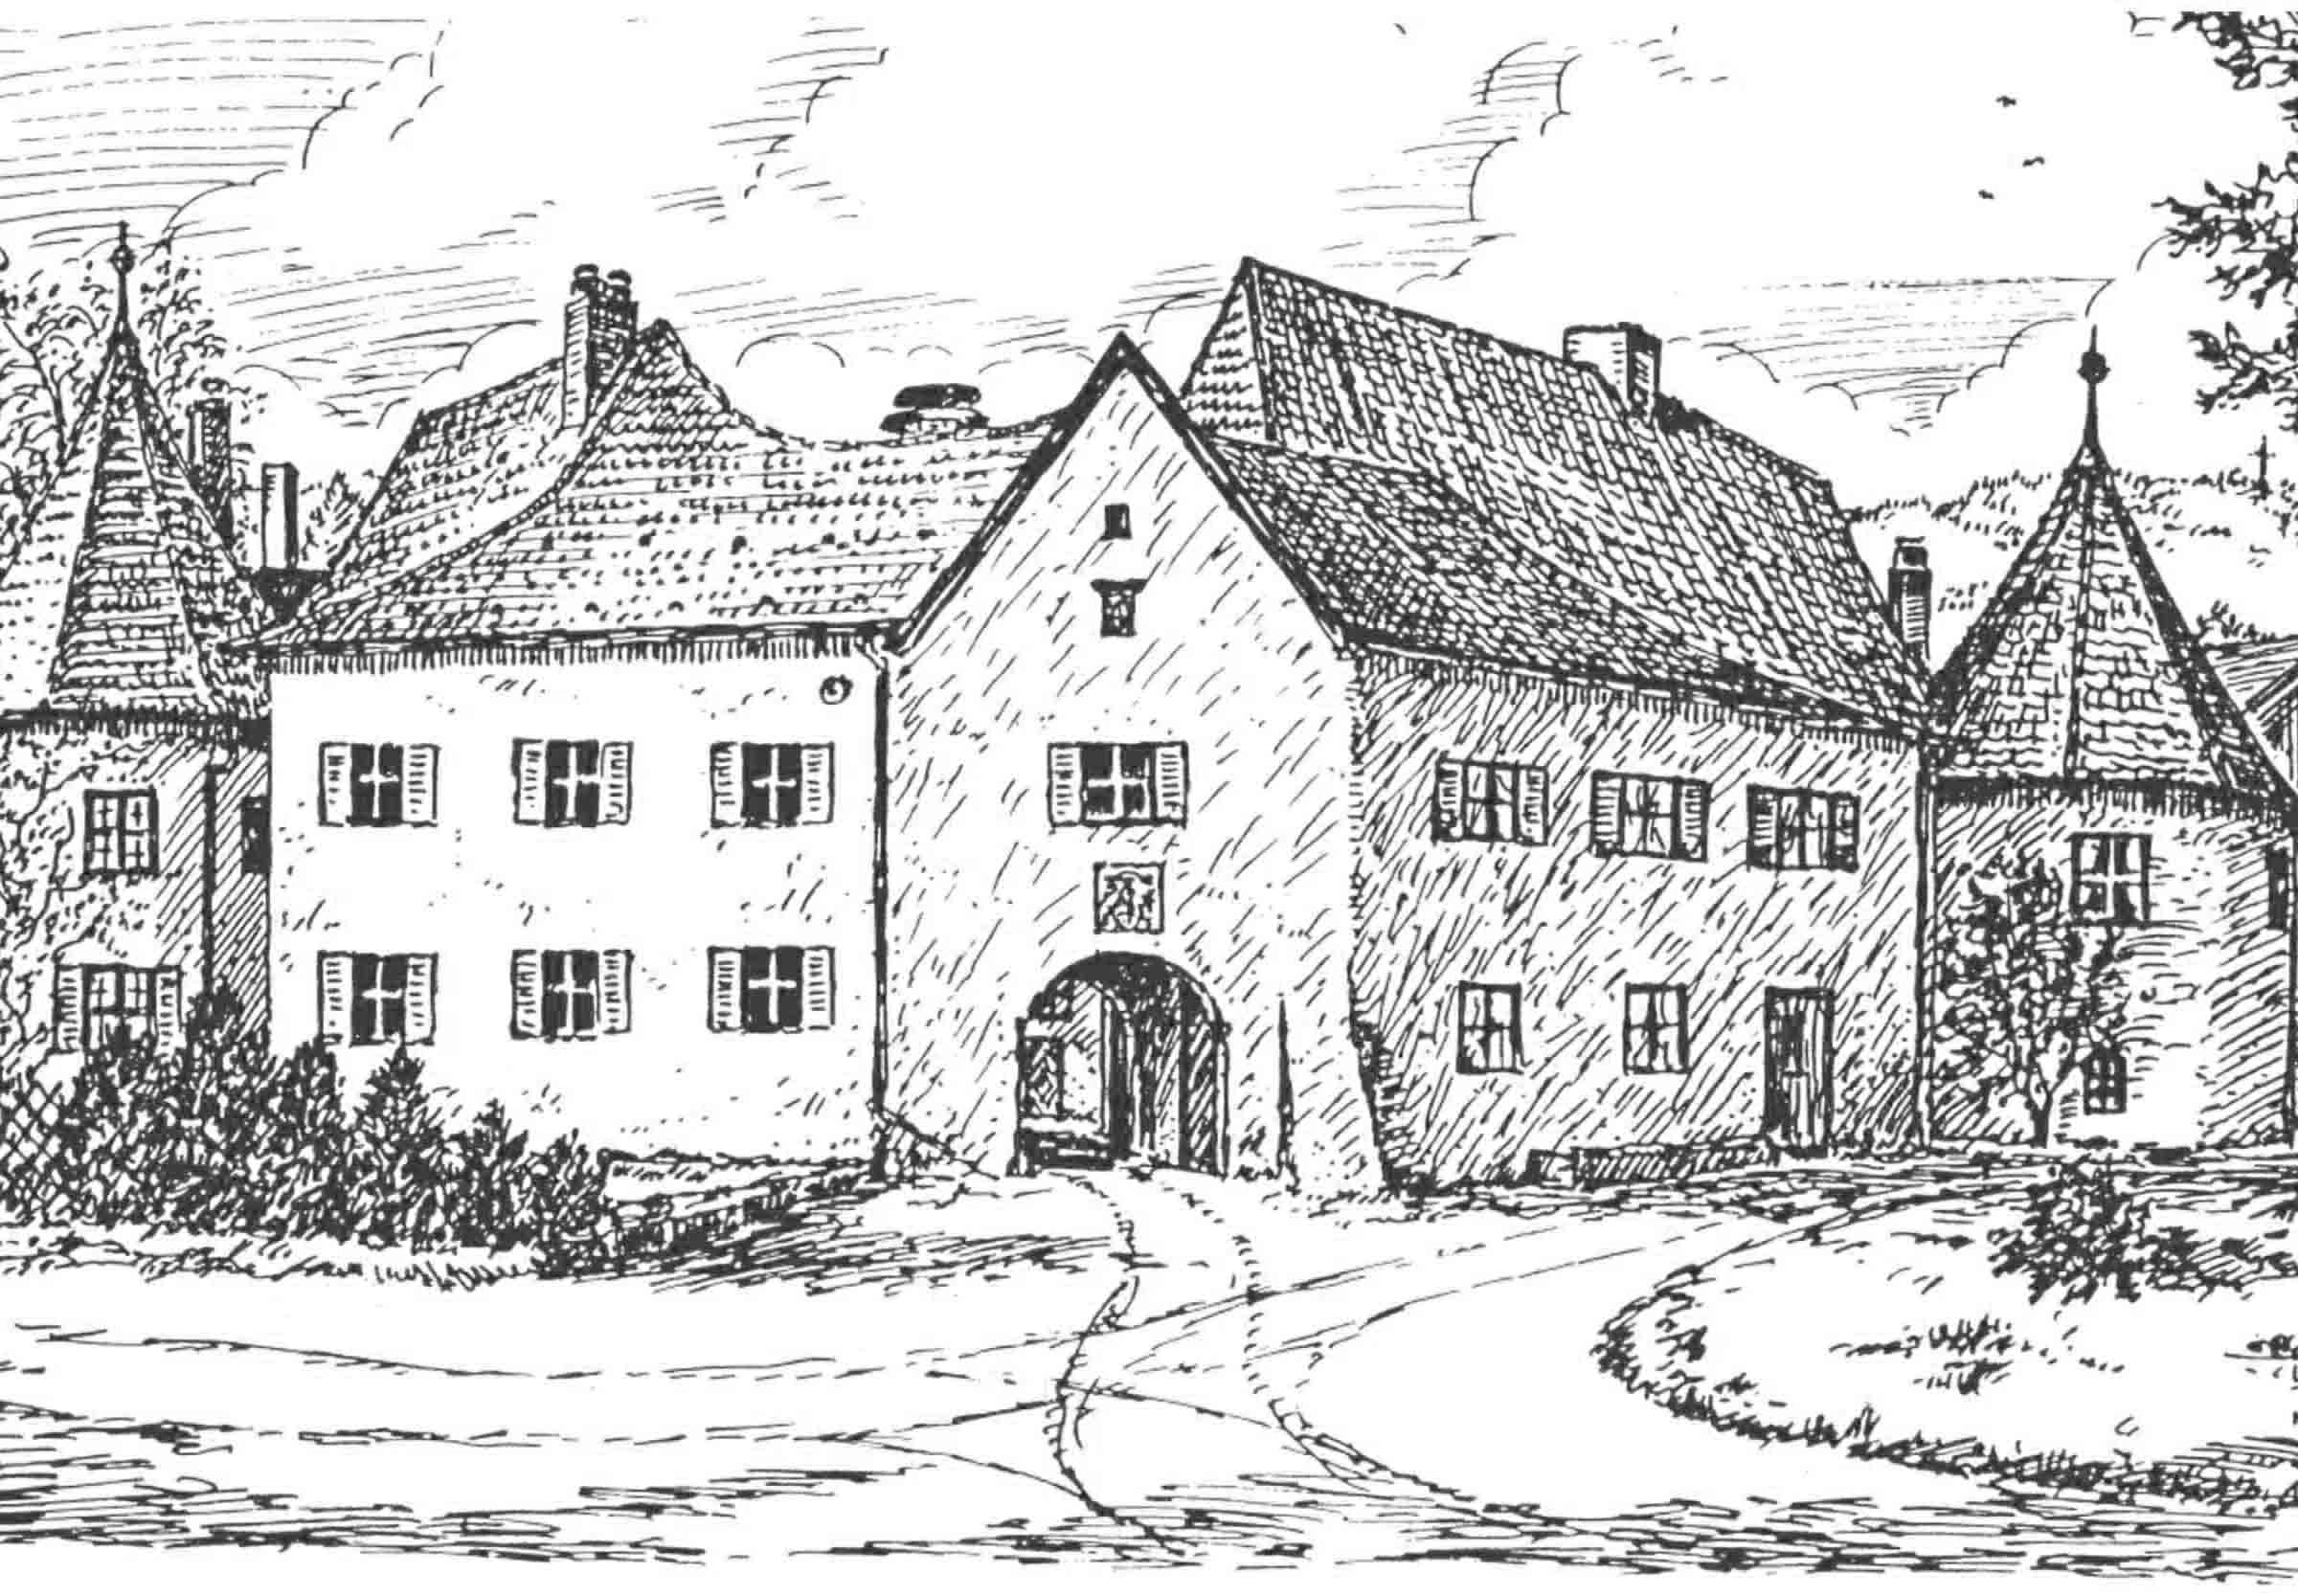 Brauereischloss Zeichnung